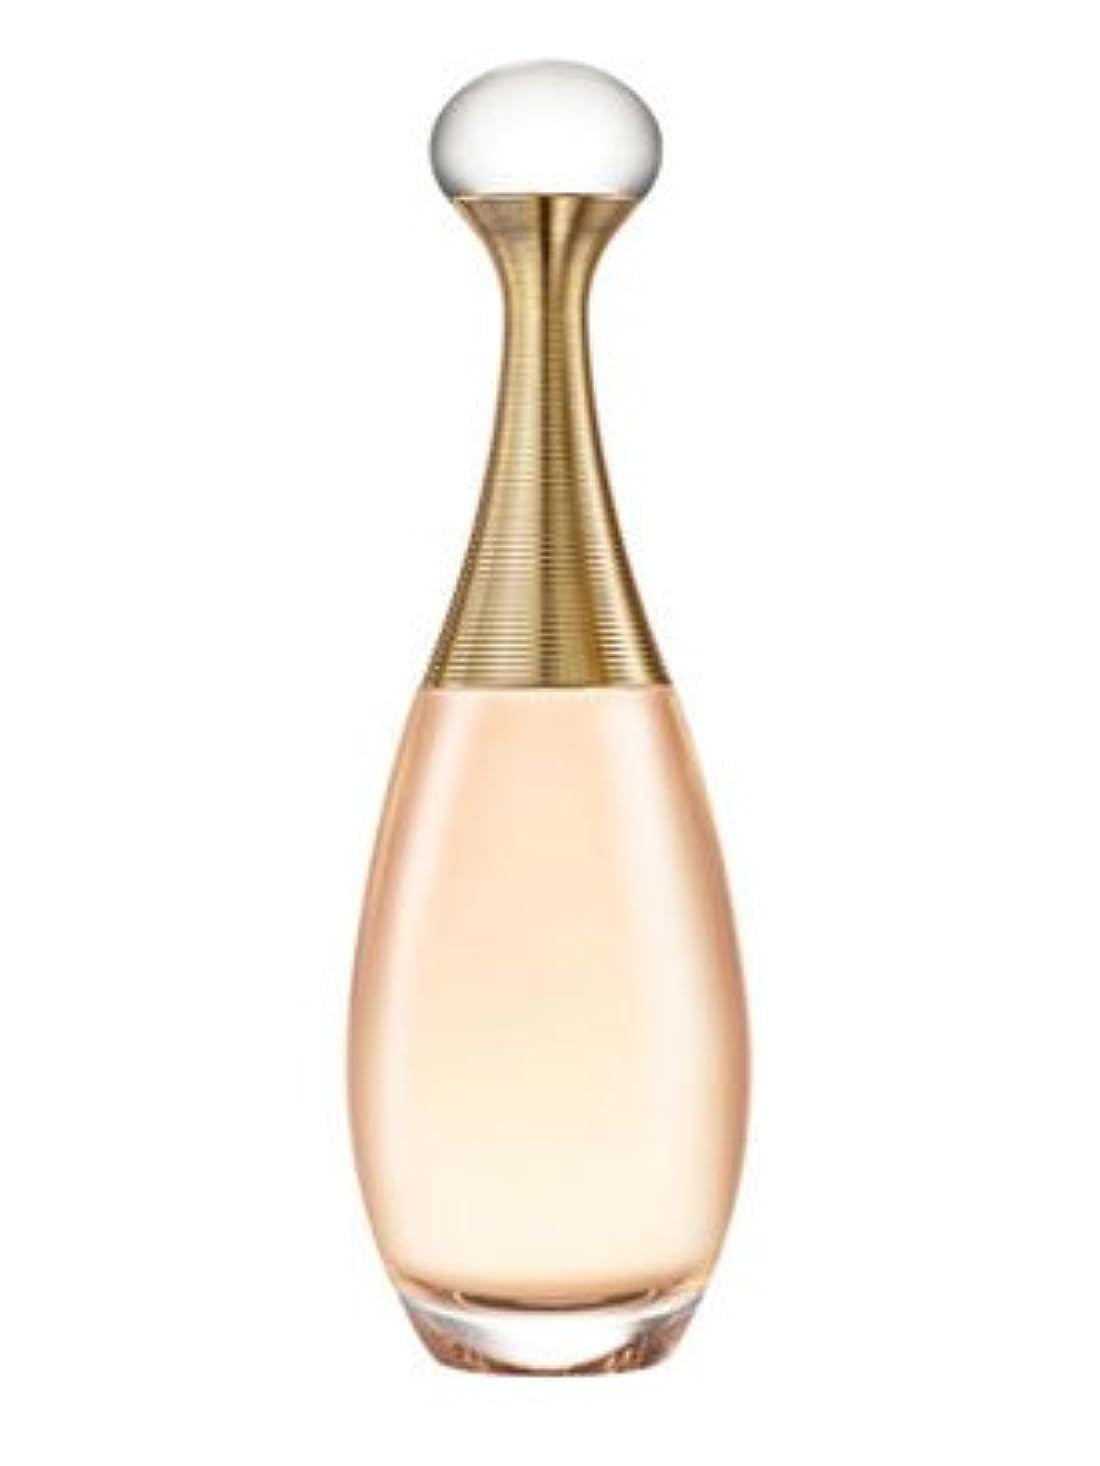 ポゴスティックジャンプ日光正規化J'Adore Voile de Parfum (ジャドール ボア デ パルファム) 3.4 oz (100ml) Parfum Spray by Christian Dior for Women